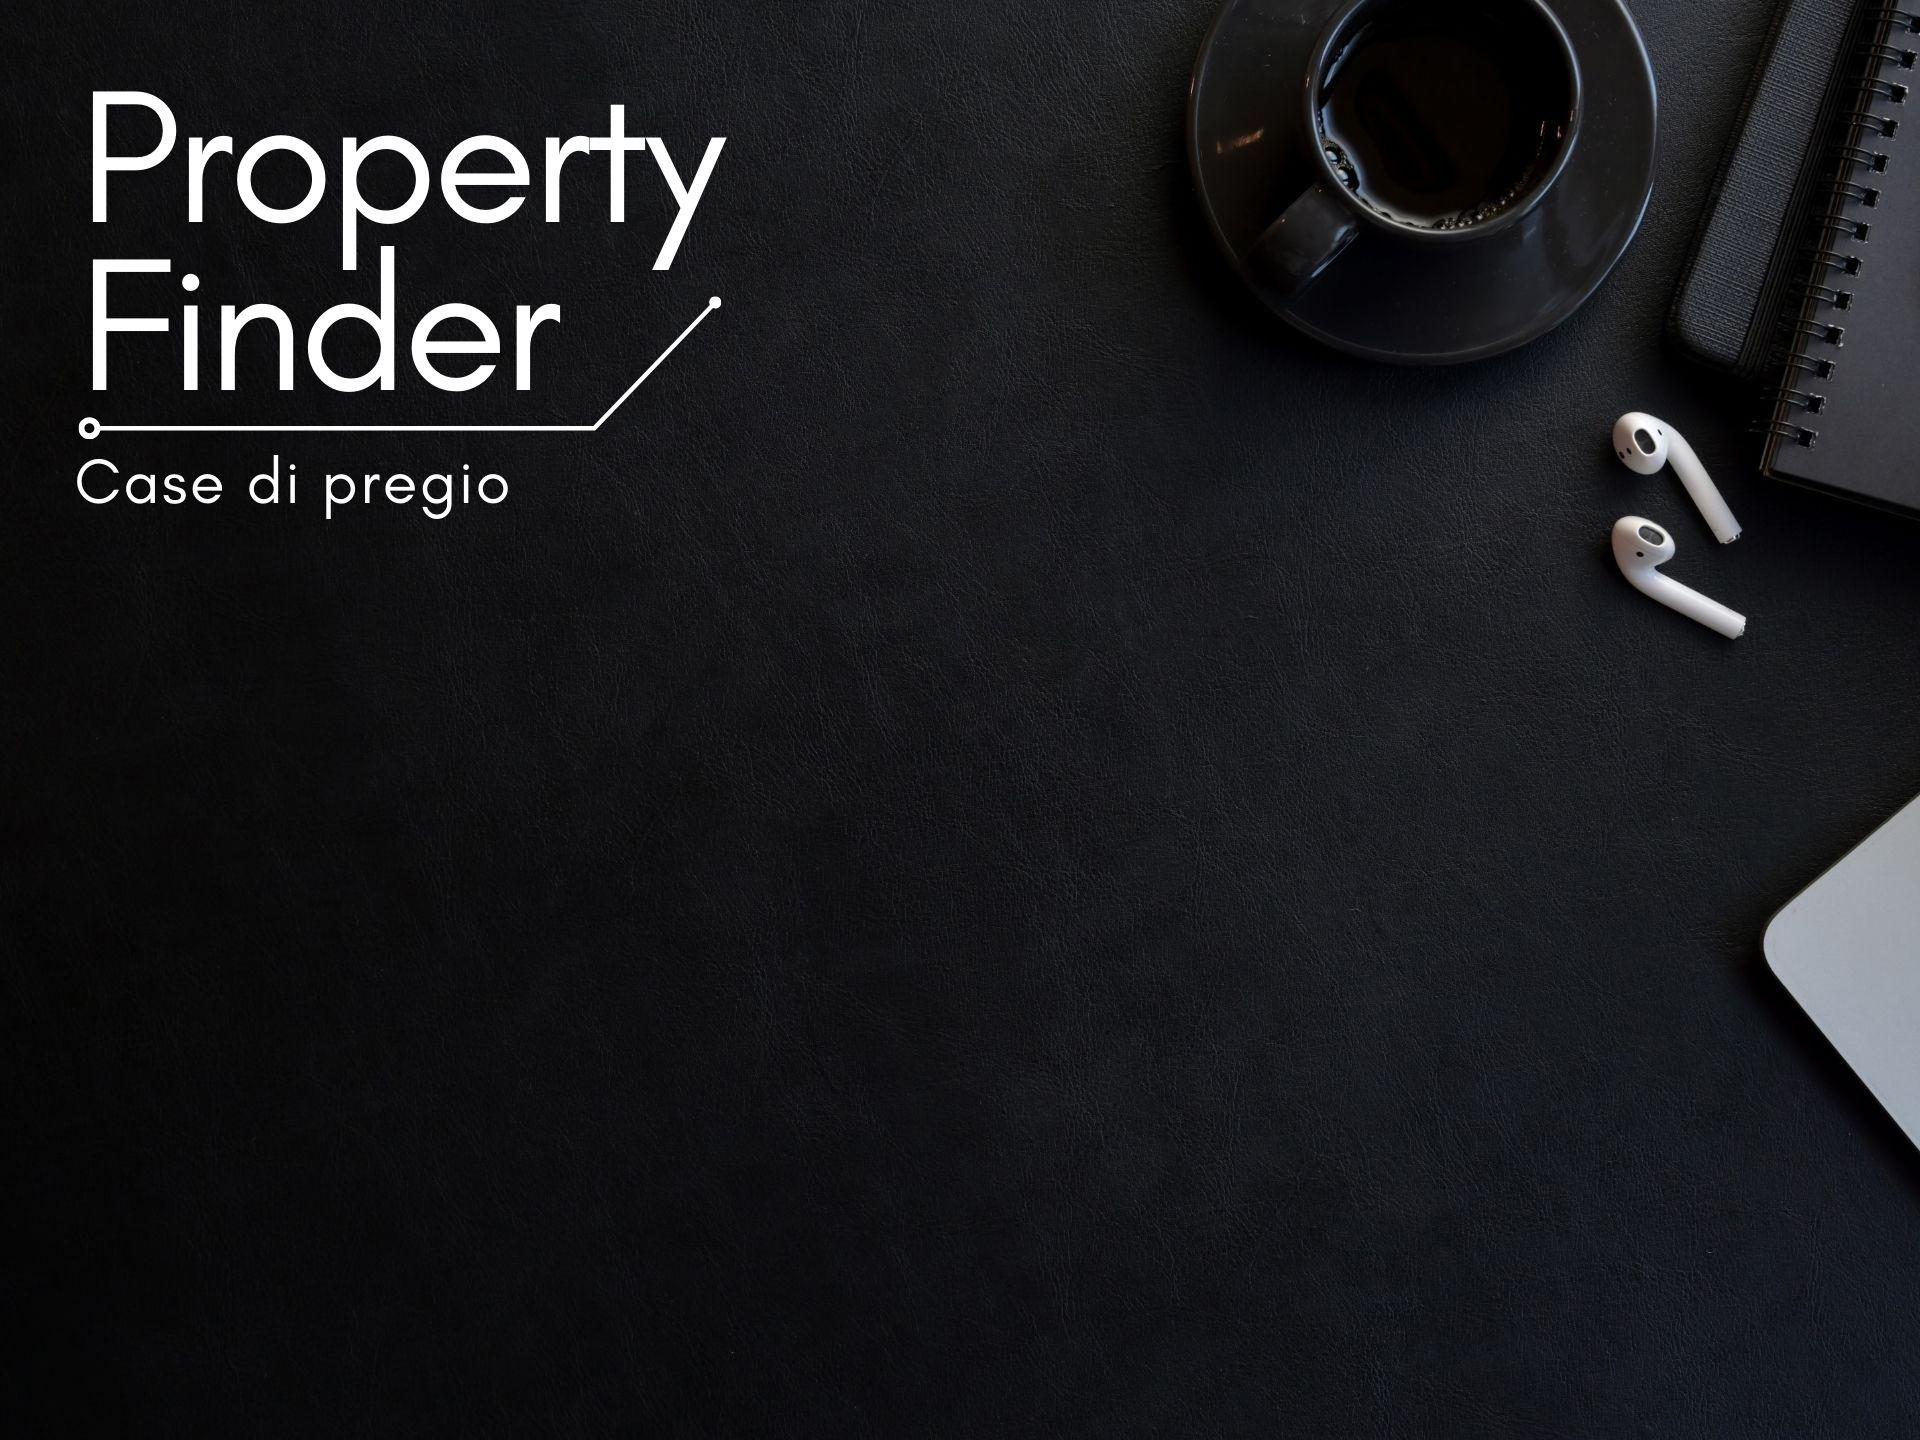 property-finding-case-di-pregio